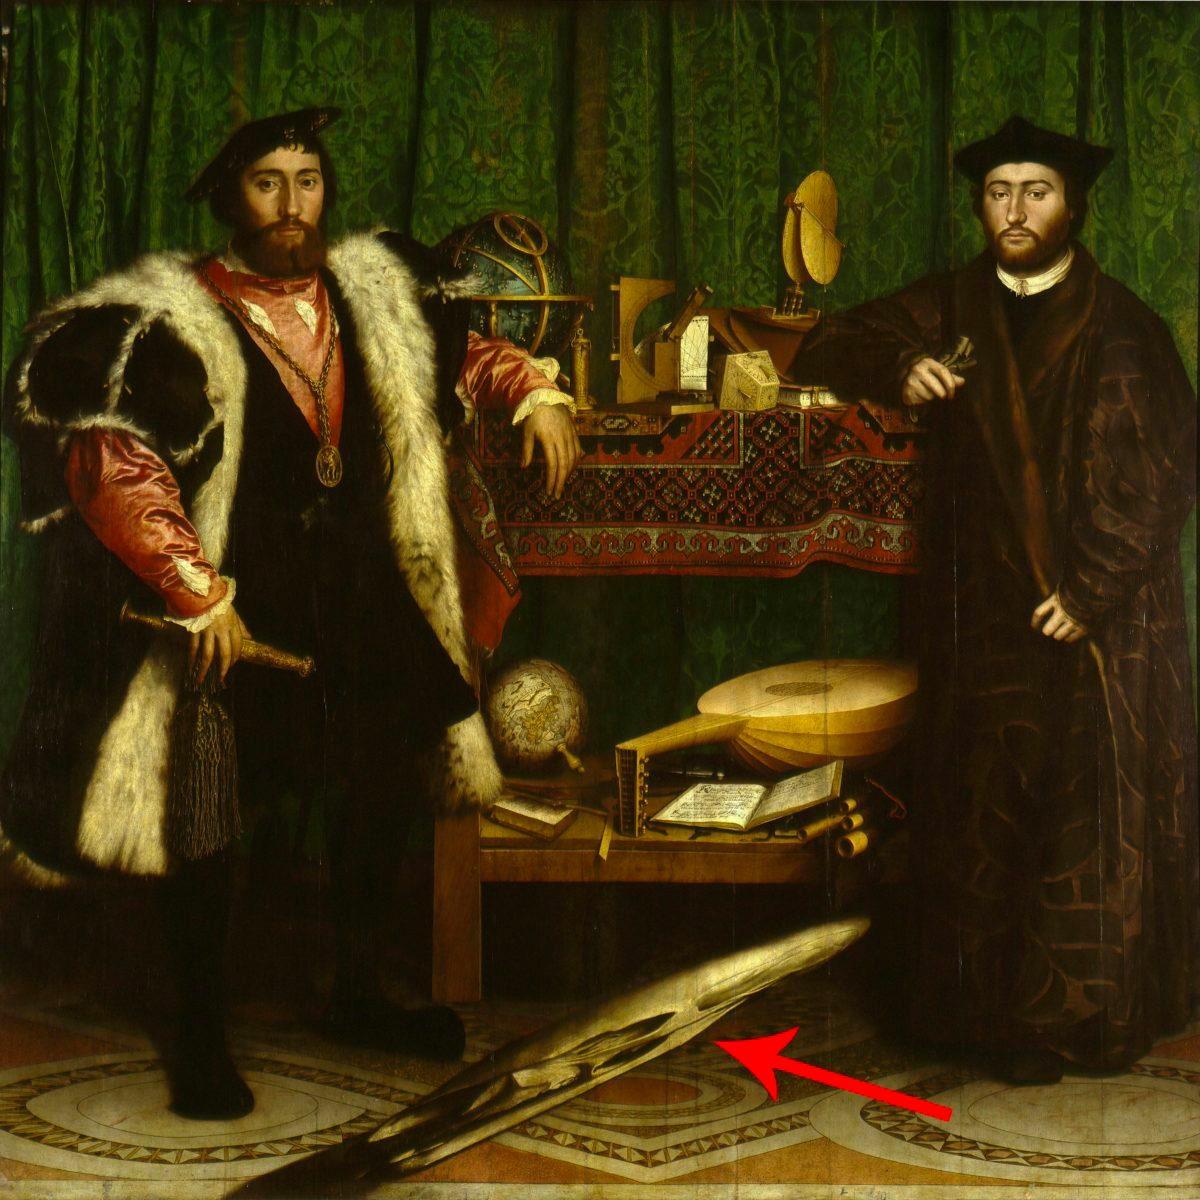 Les chefs-d'œuvre de la peinture: Les Ambassadeurs.